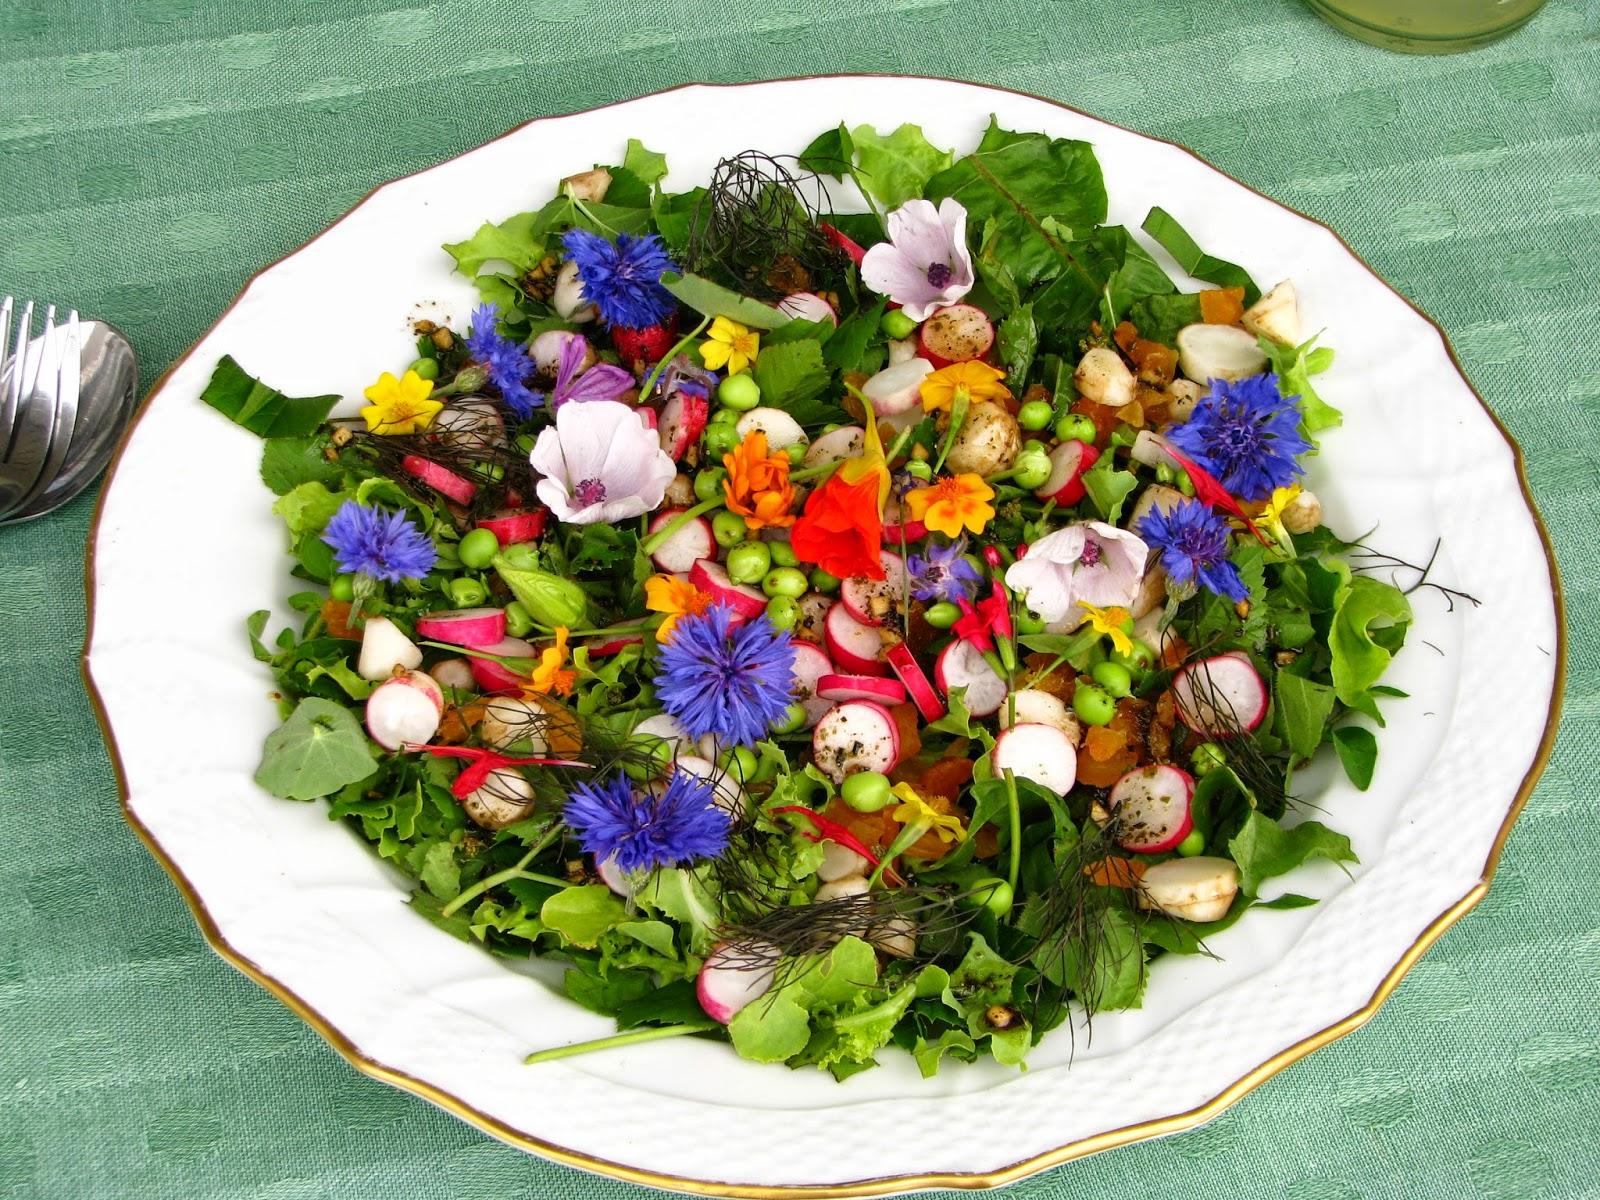 Tang Mad Fra Hav: Når en spiselige blomster nørd mødes med en ...